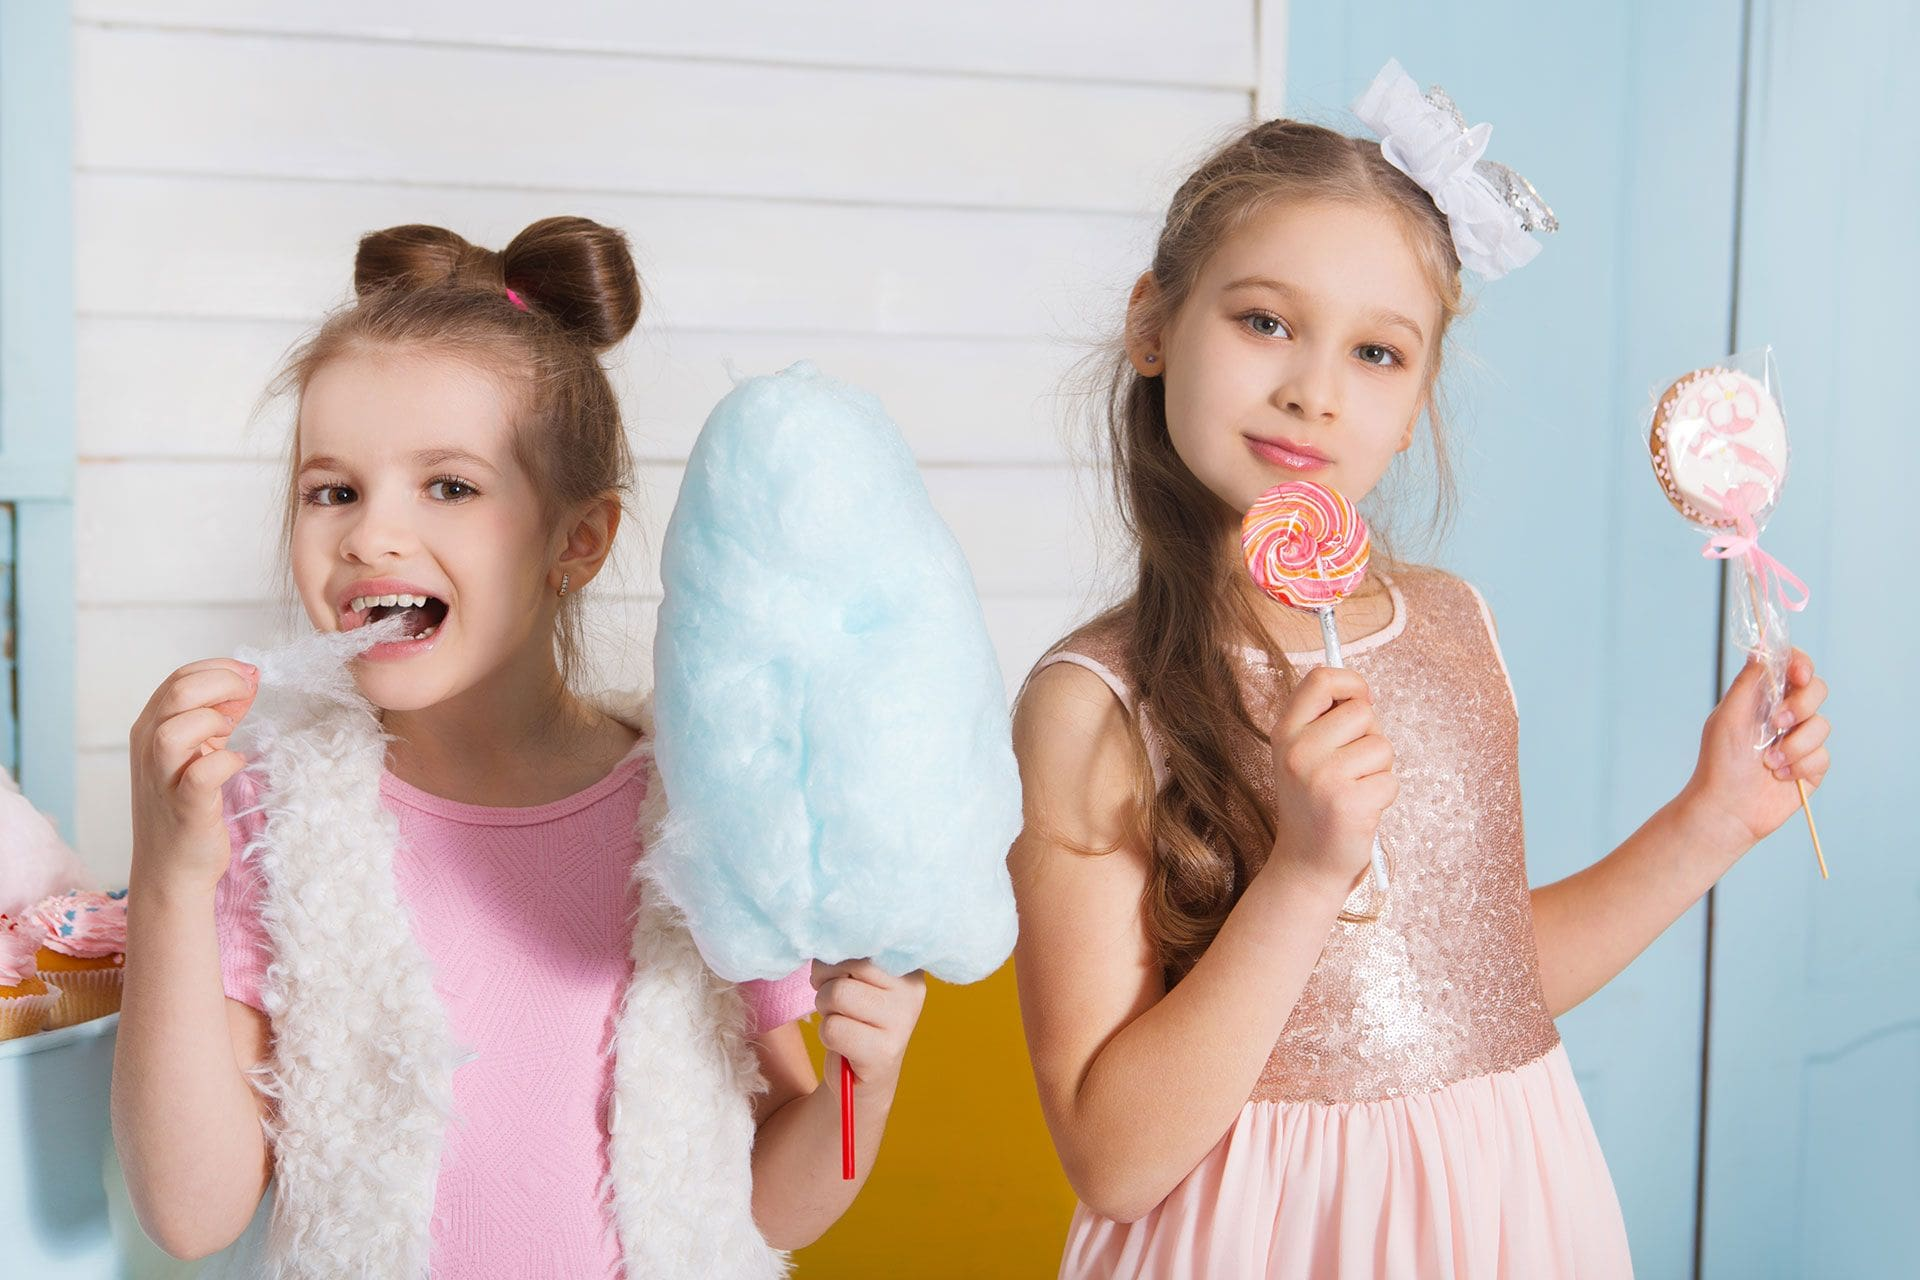 Domowa wata cukrowa - jak zrobić w domu?